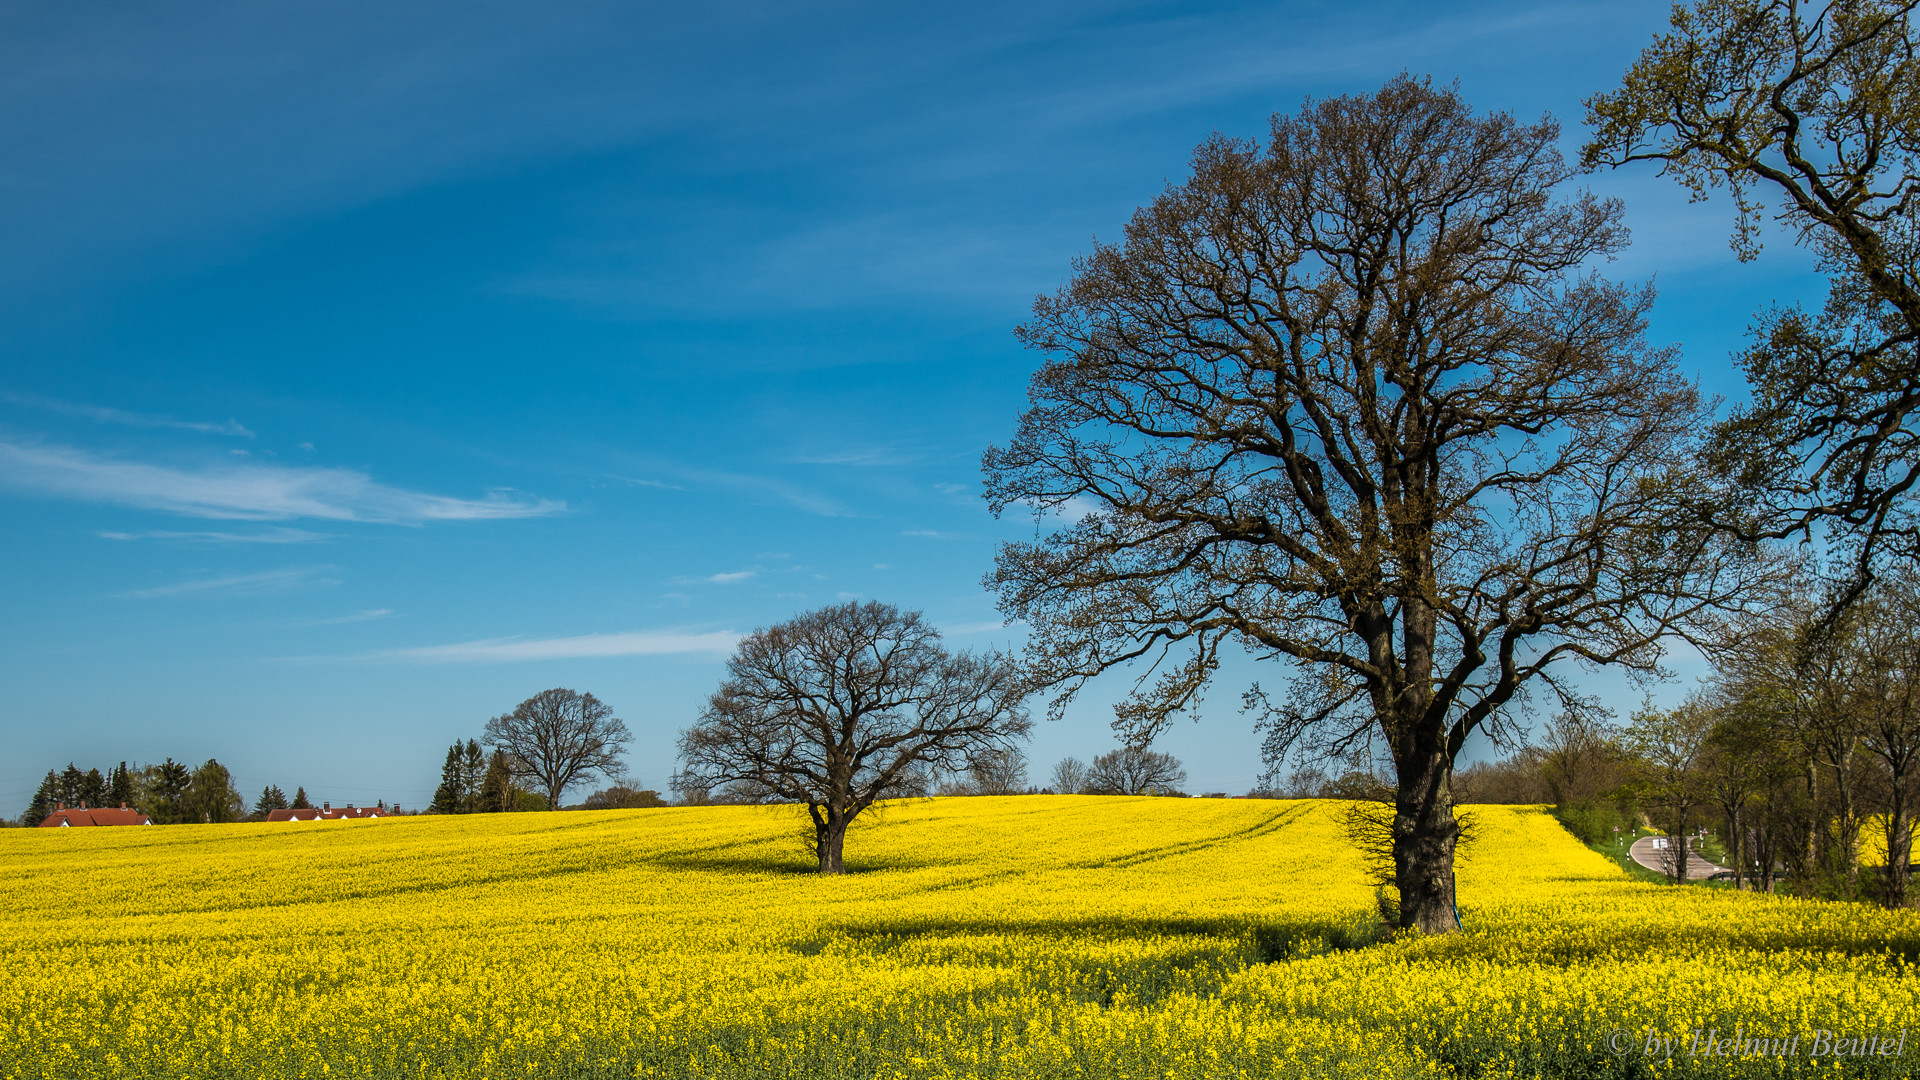 Oaks in the field